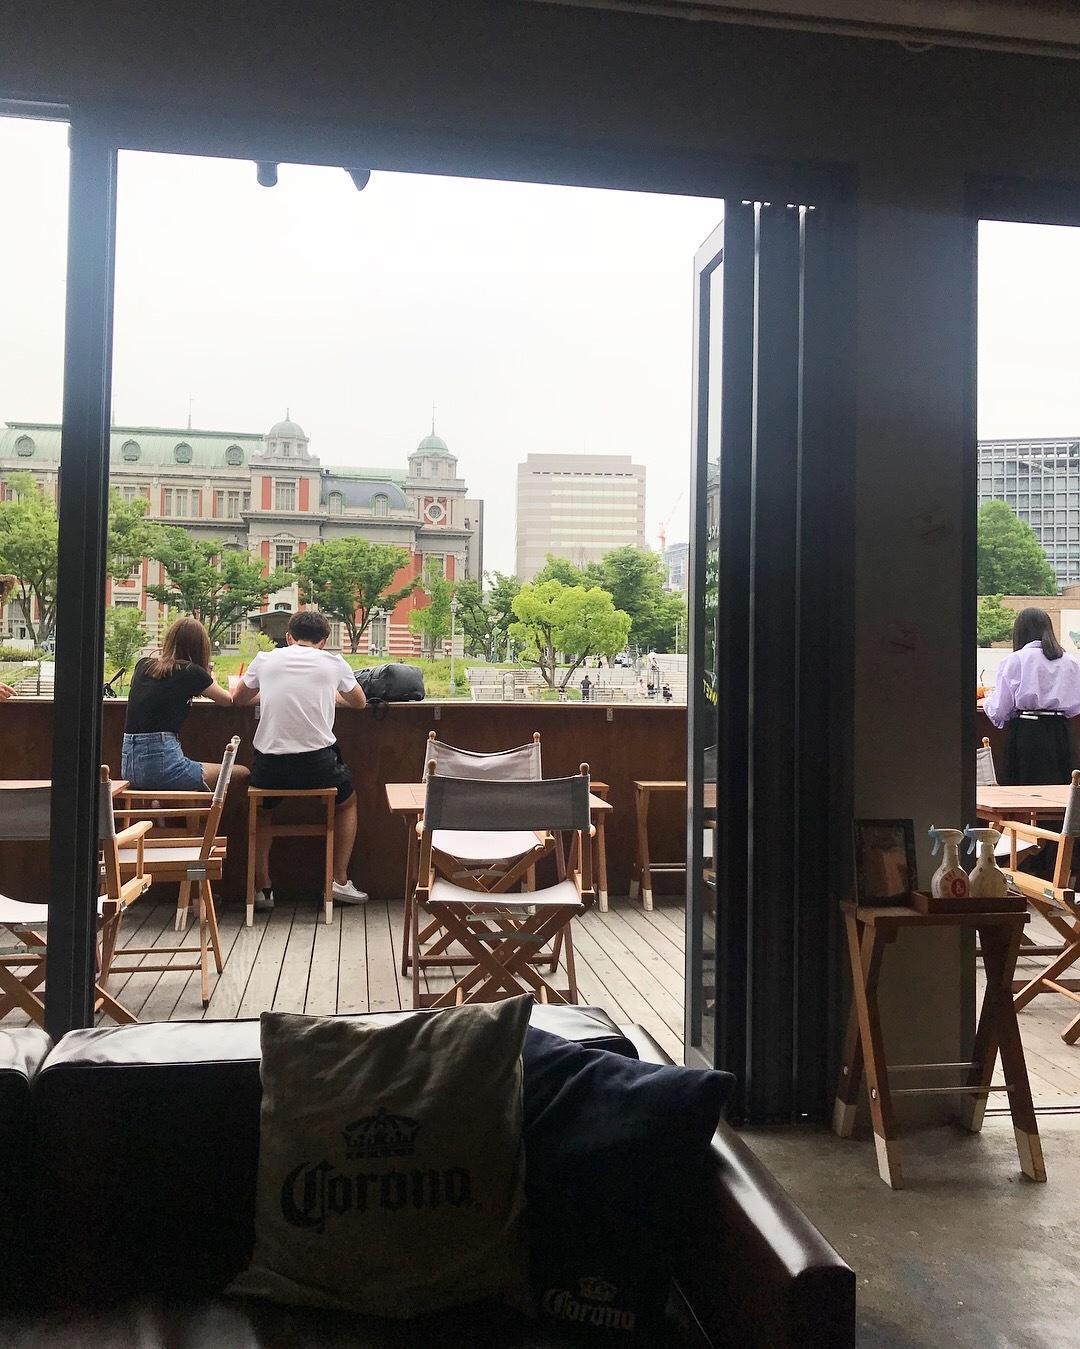 ゆき散歩。新緑の季節は大阪 北浜・中之島のカフェで心地よく_1_2